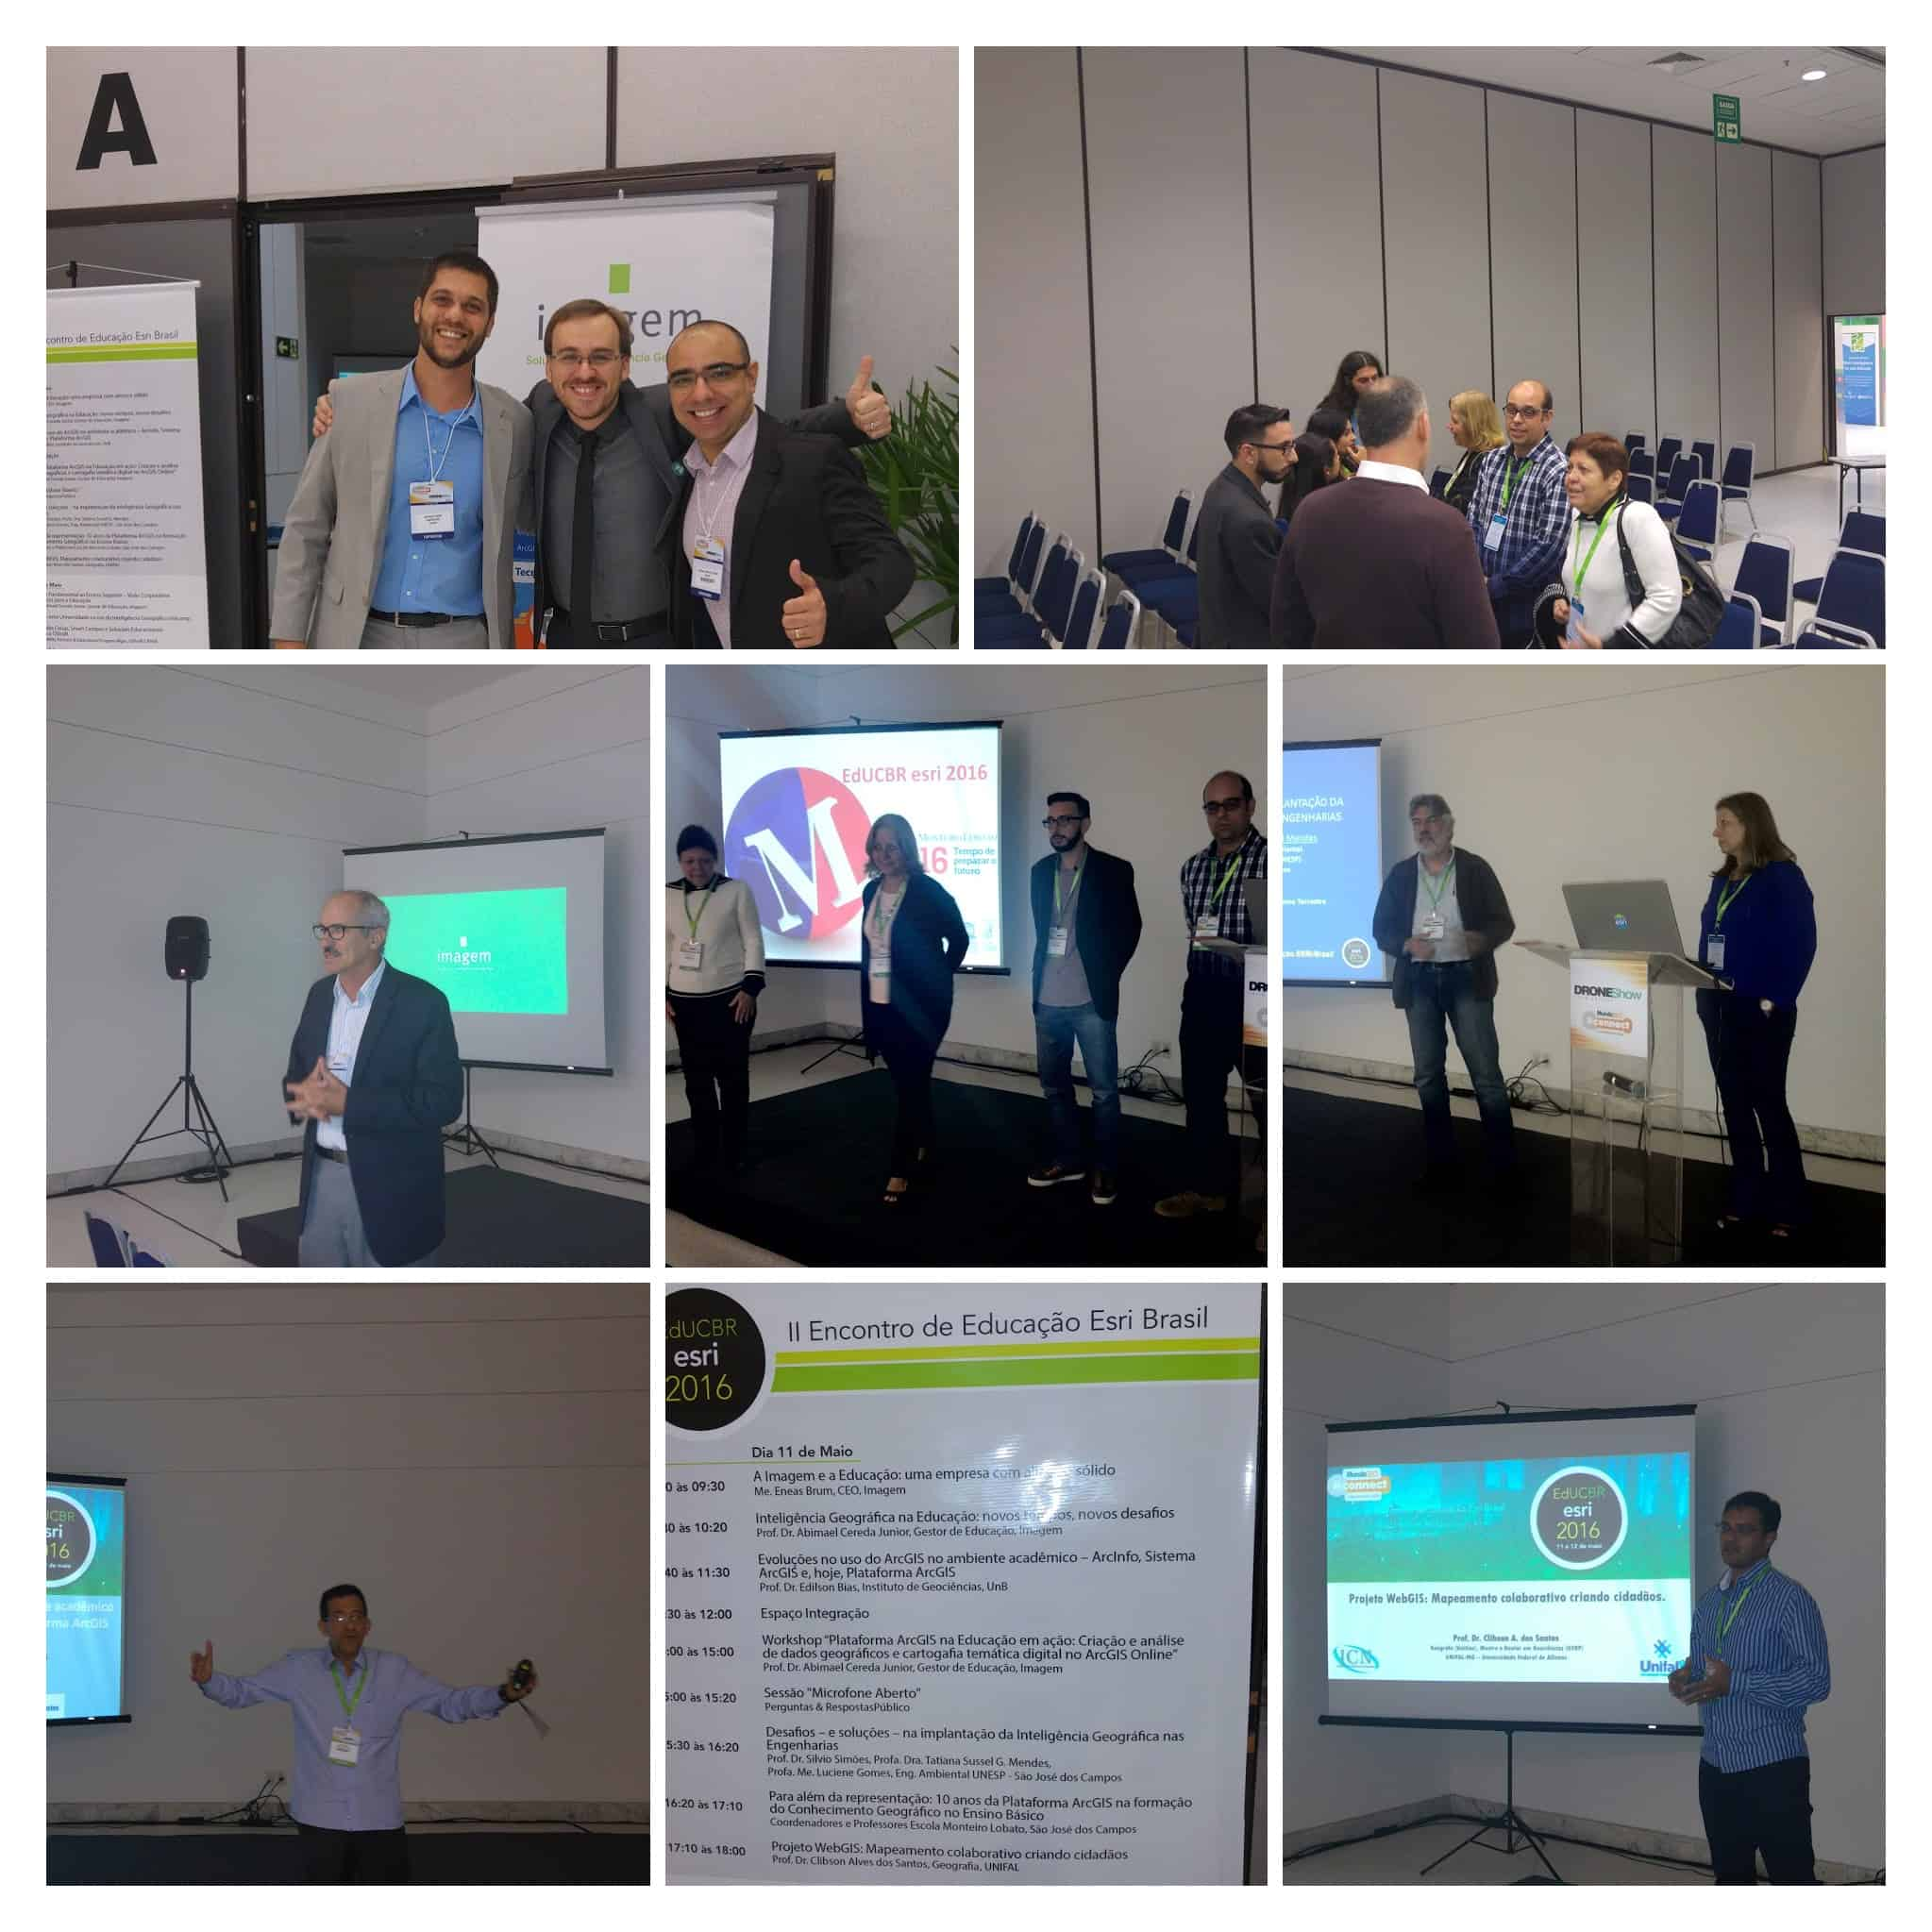 Dia 1 - II Encontro de Educação Esri Brasil - II EdUC BR